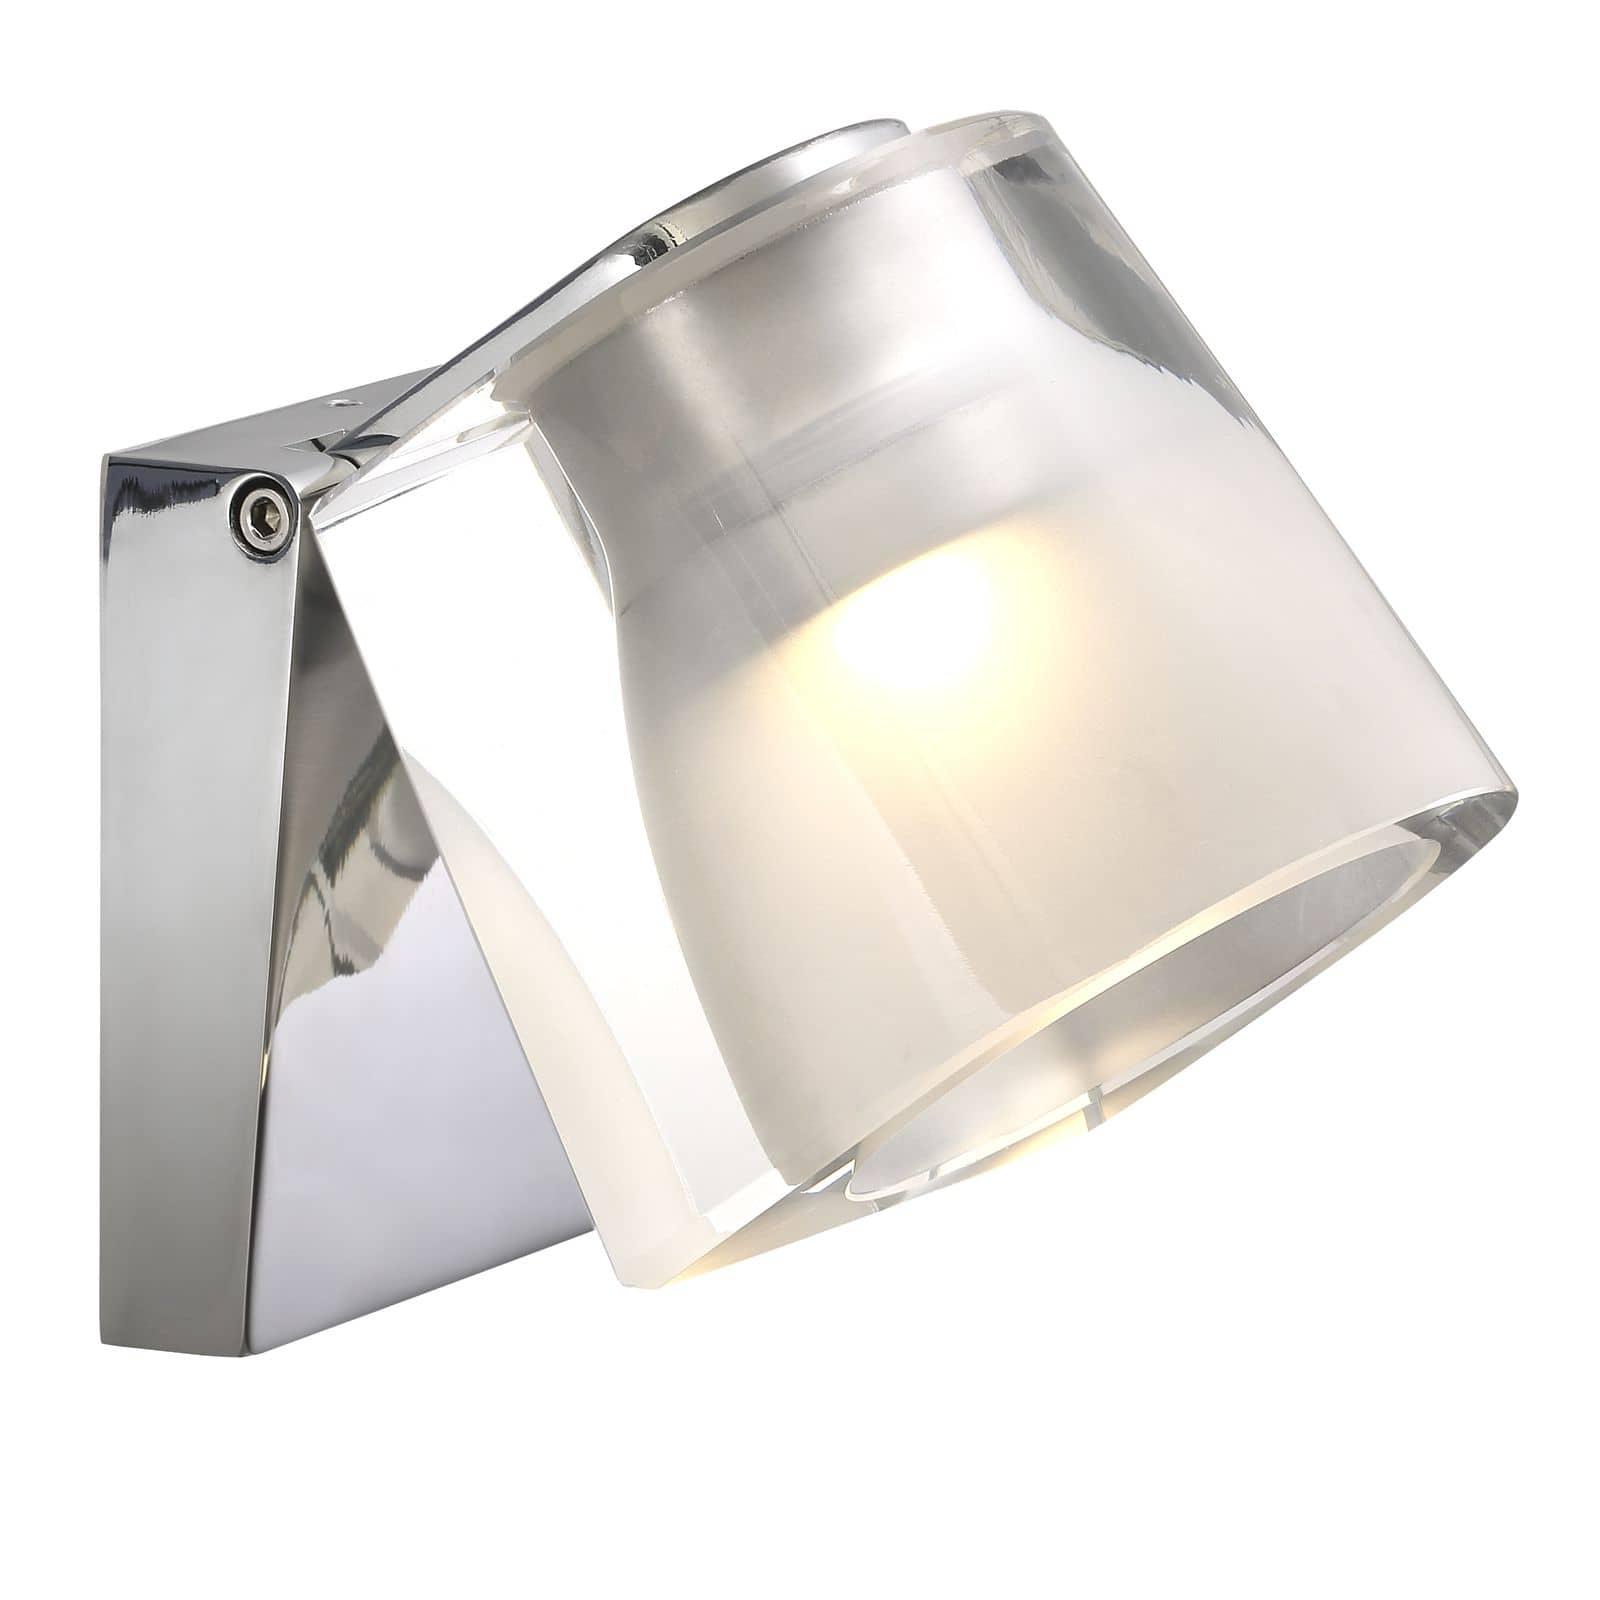 Nordlux 83051033 ip s12 led badleuchte 5w alu chrom ip44 for Nordlux leuchten